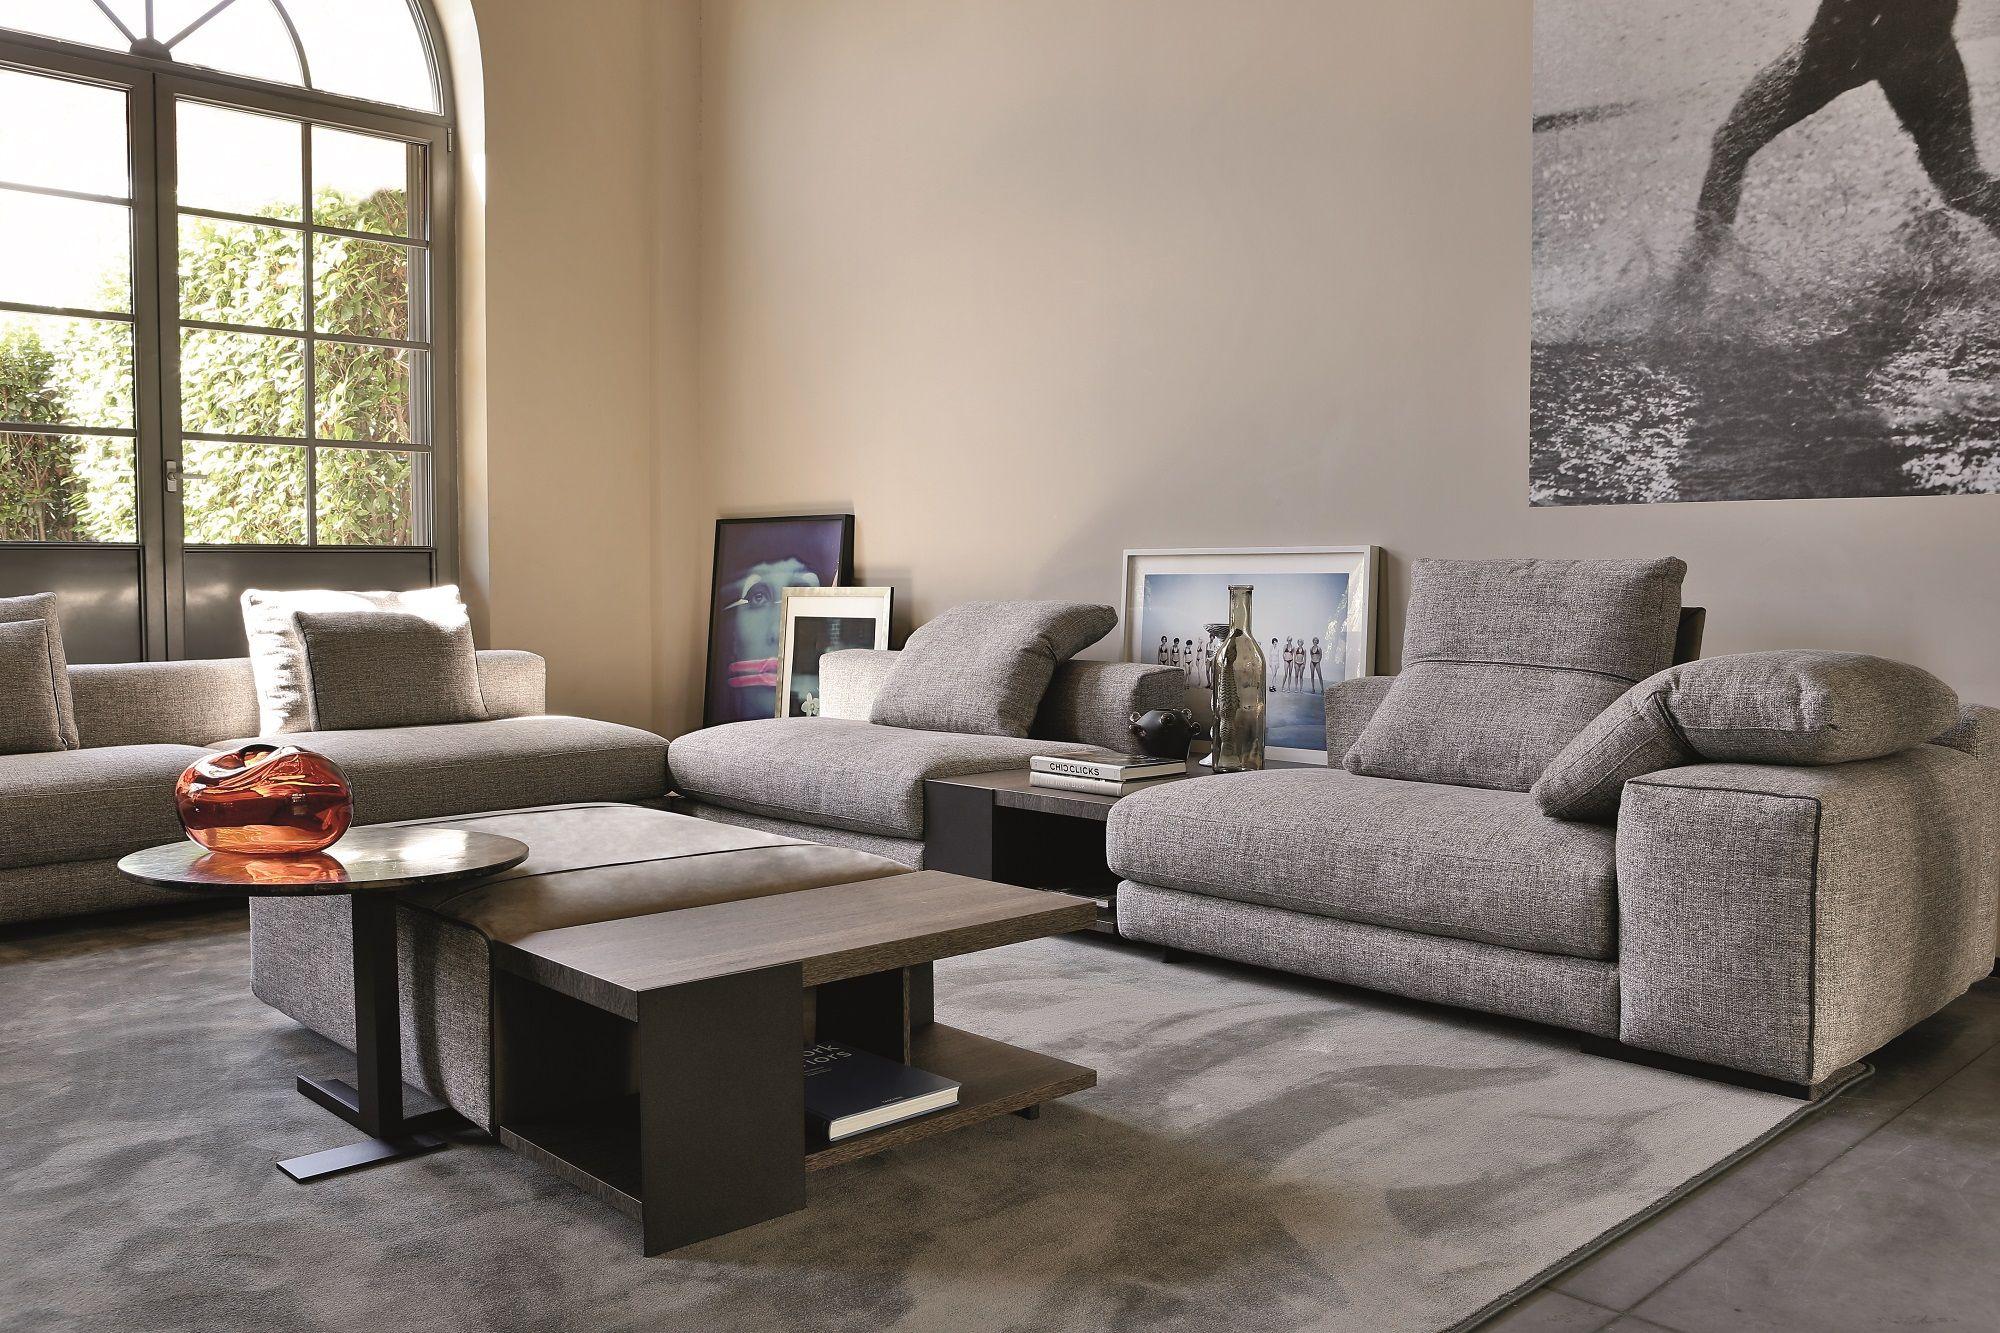 Atlas sofa by Arketipo | Arketipo | Pinterest | Modular sofa, Living ...